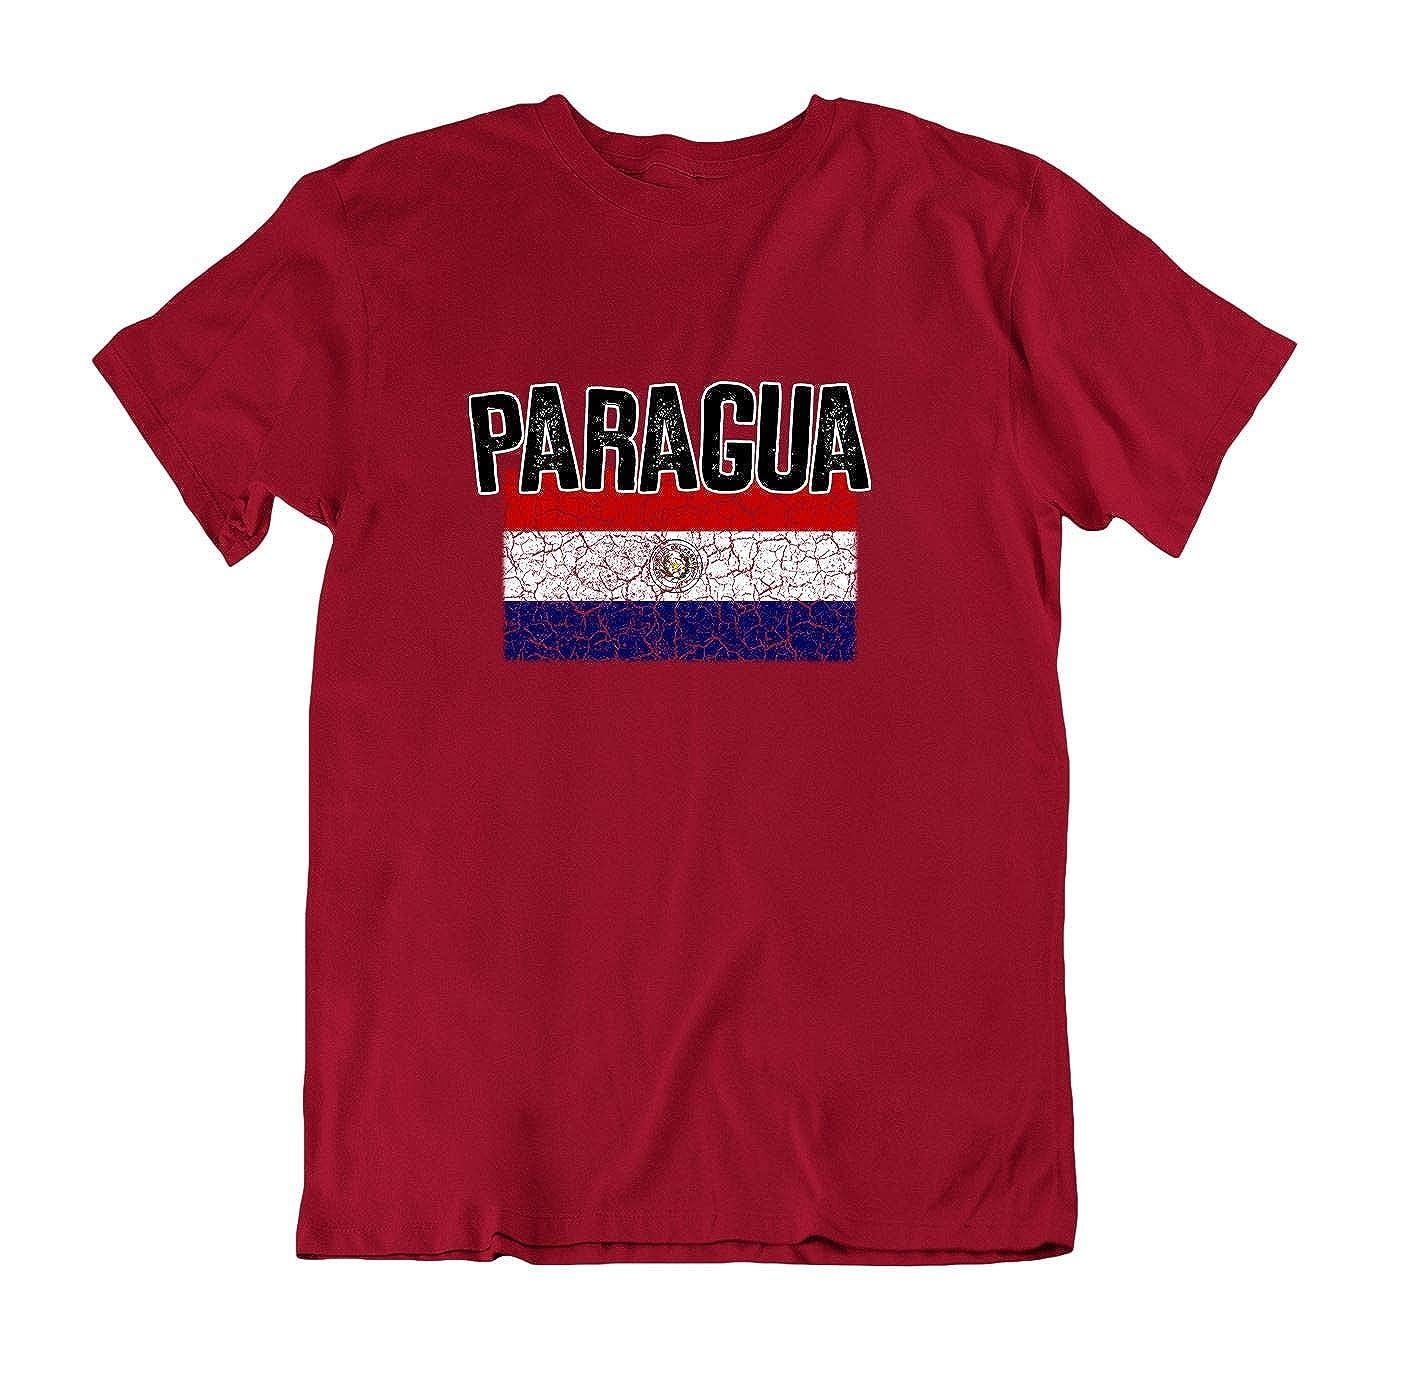 Body-soul-n-spirit Shirts Paraguay Camiseta Bandera Turismo ...